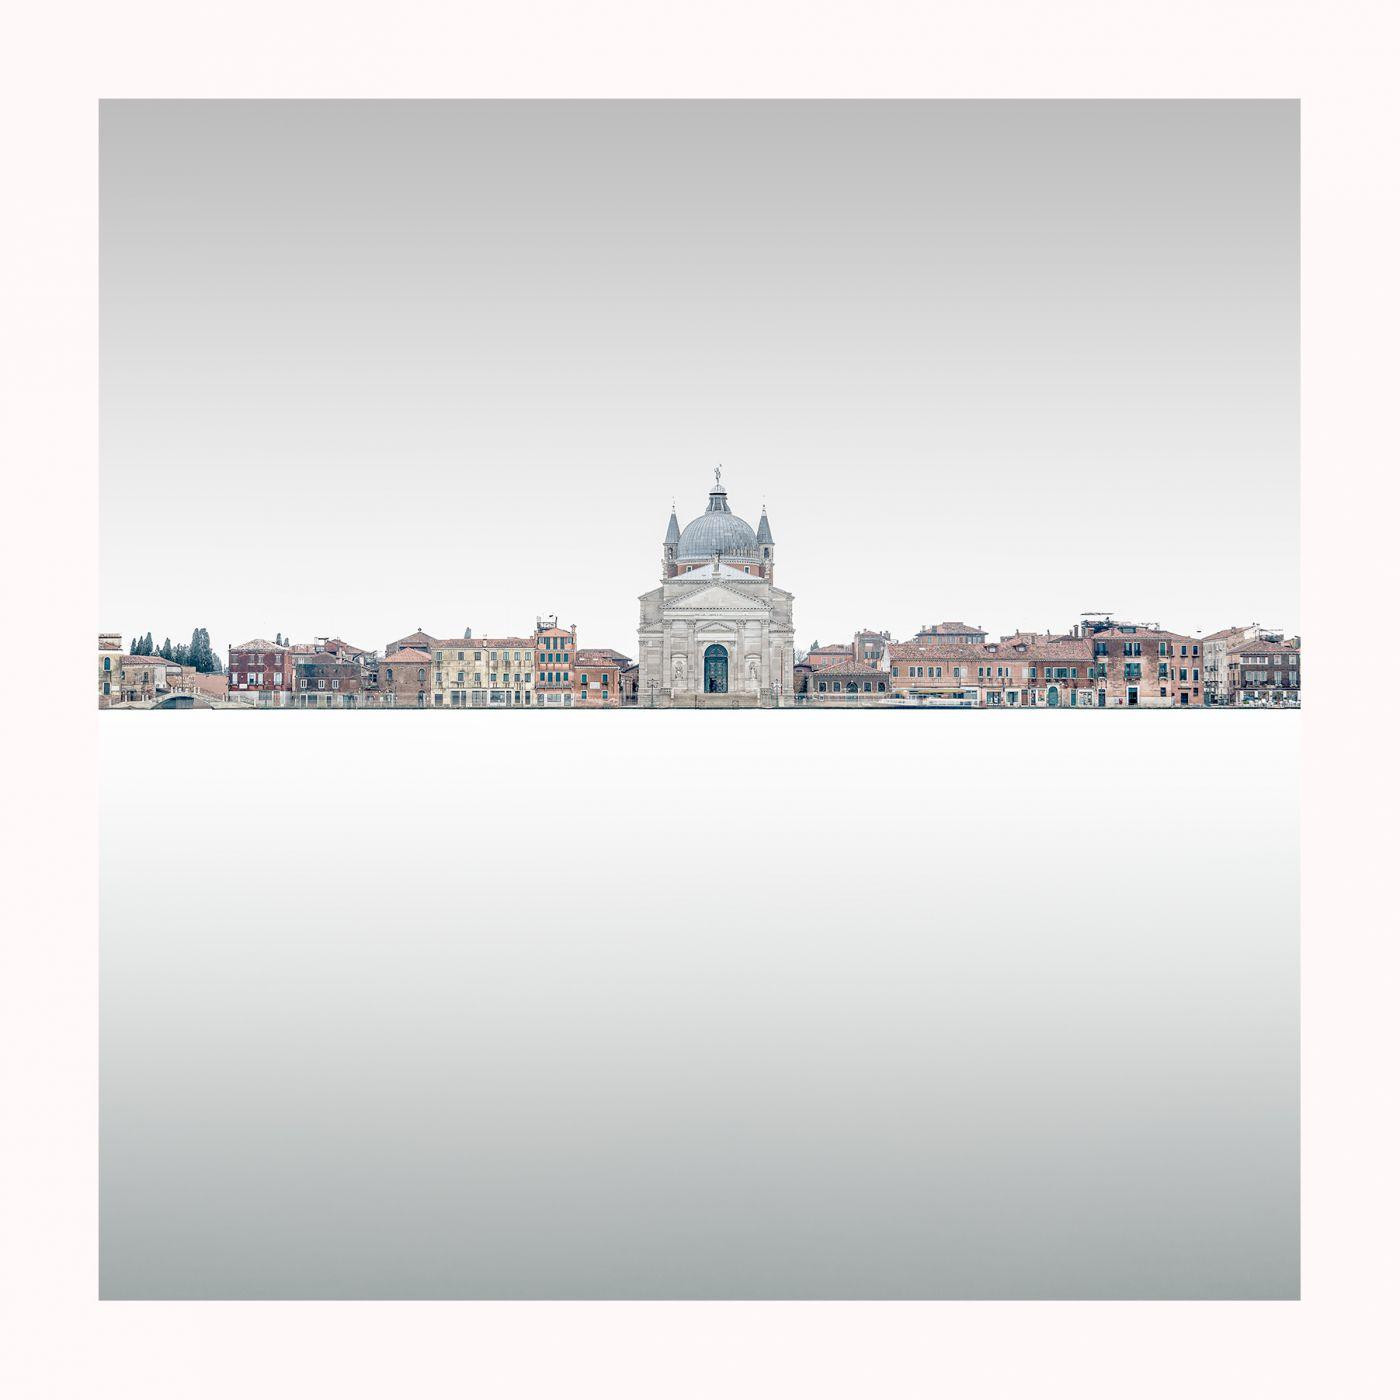 Chiesa del Santissimo Redentore, Giudecca, Italy